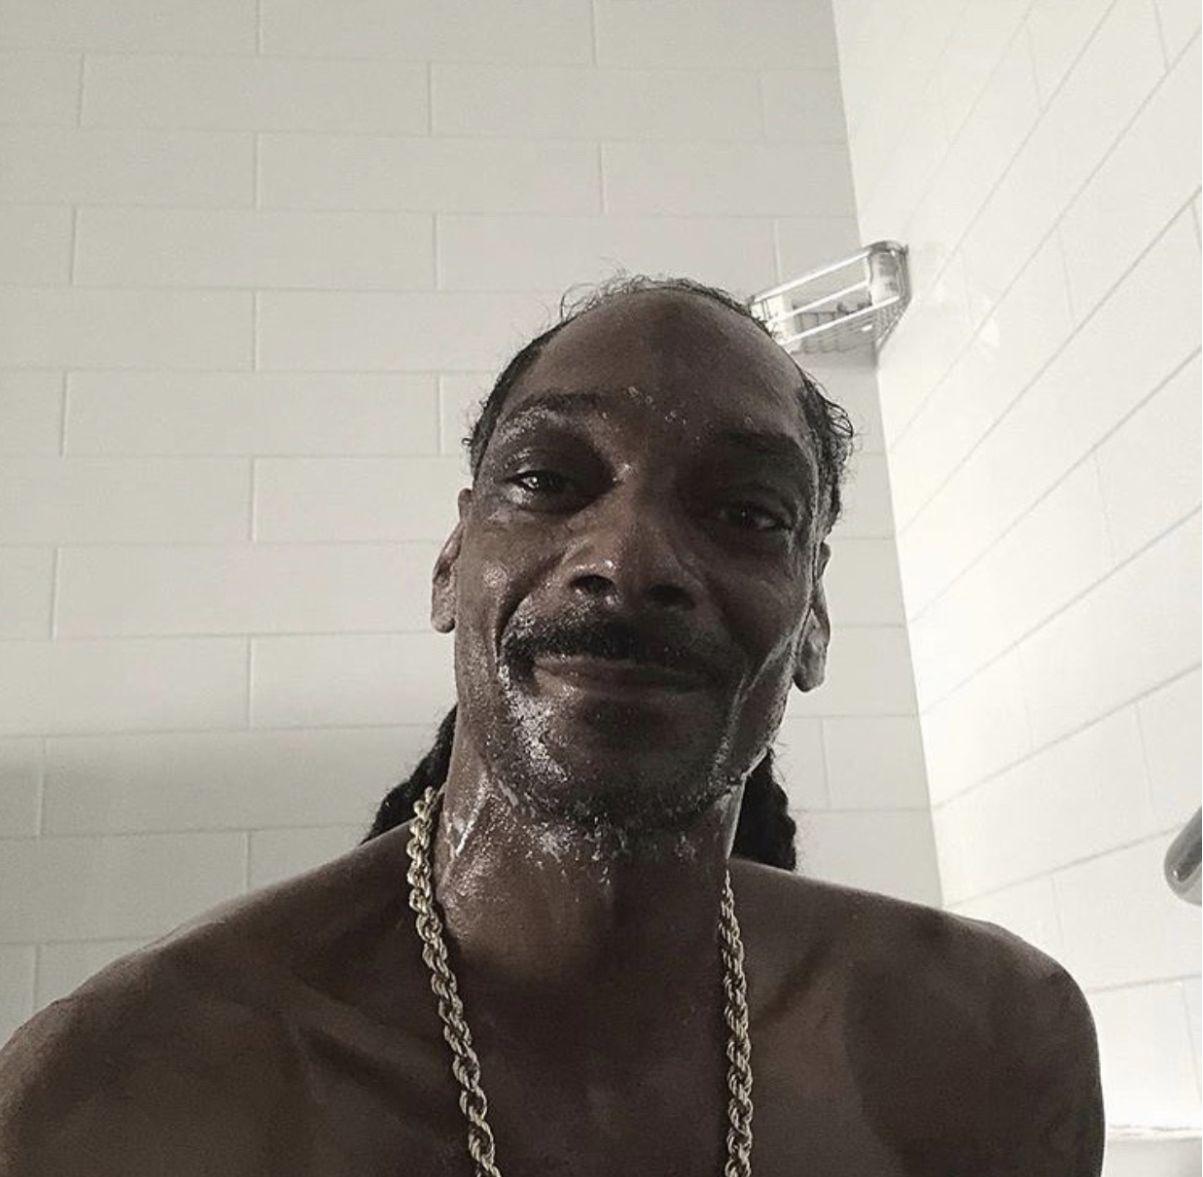 Pin by Hannah💜 on • M O O D • Snoop dog meme, Mood pics